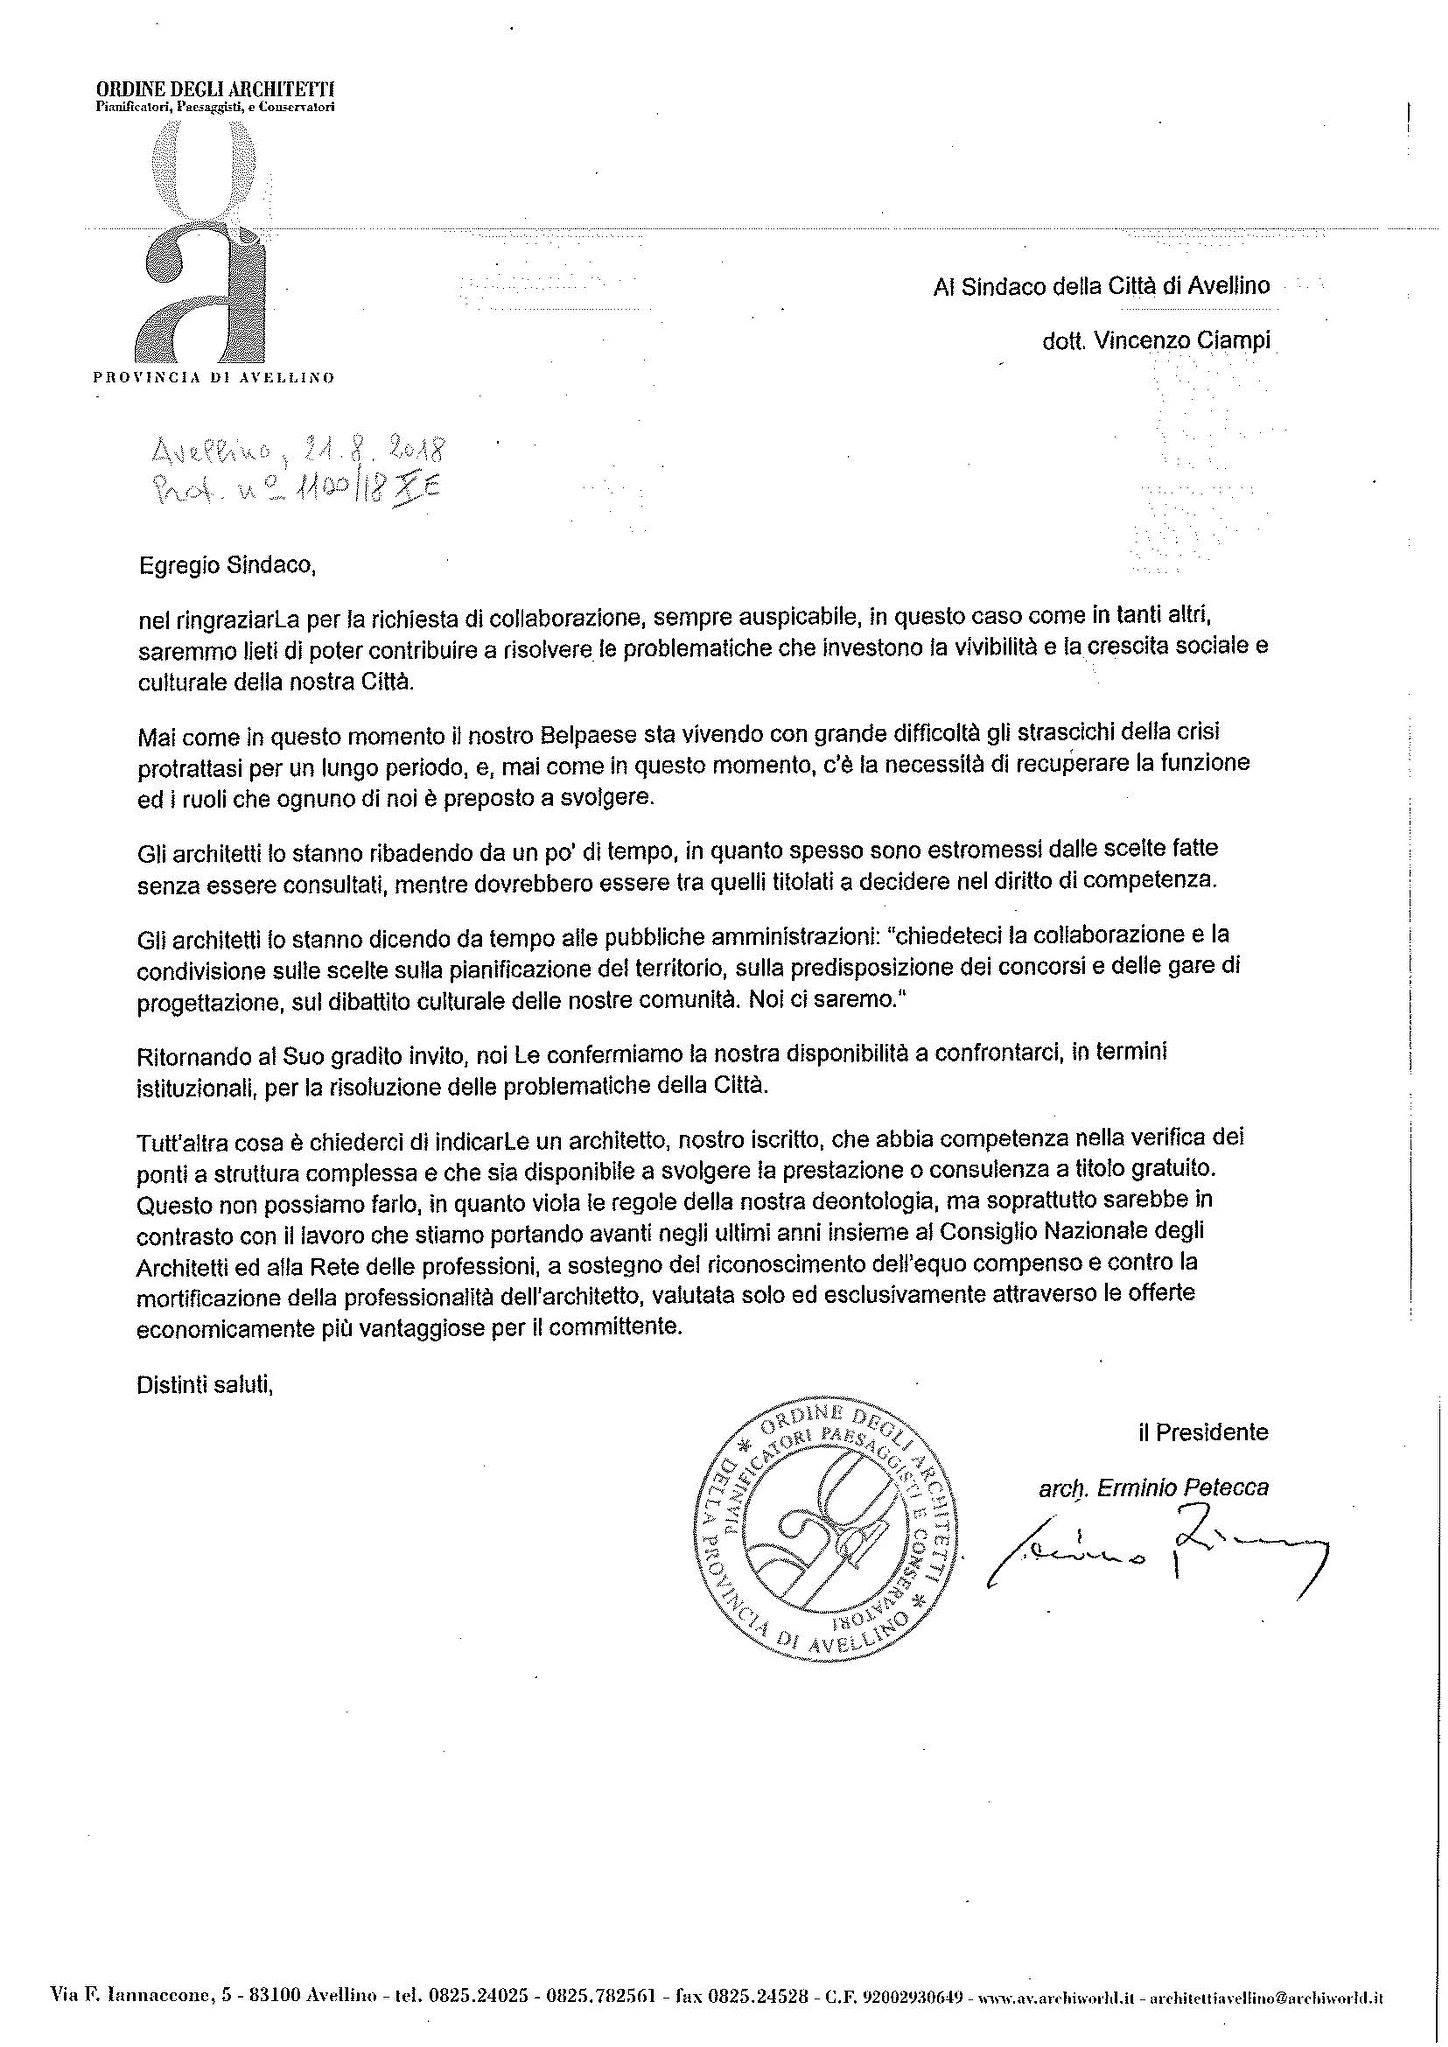 Controlli sul Ponte a titolo gratuito: il sindaco di Avellino cerca un tecnico – Gratis –risposta architetti